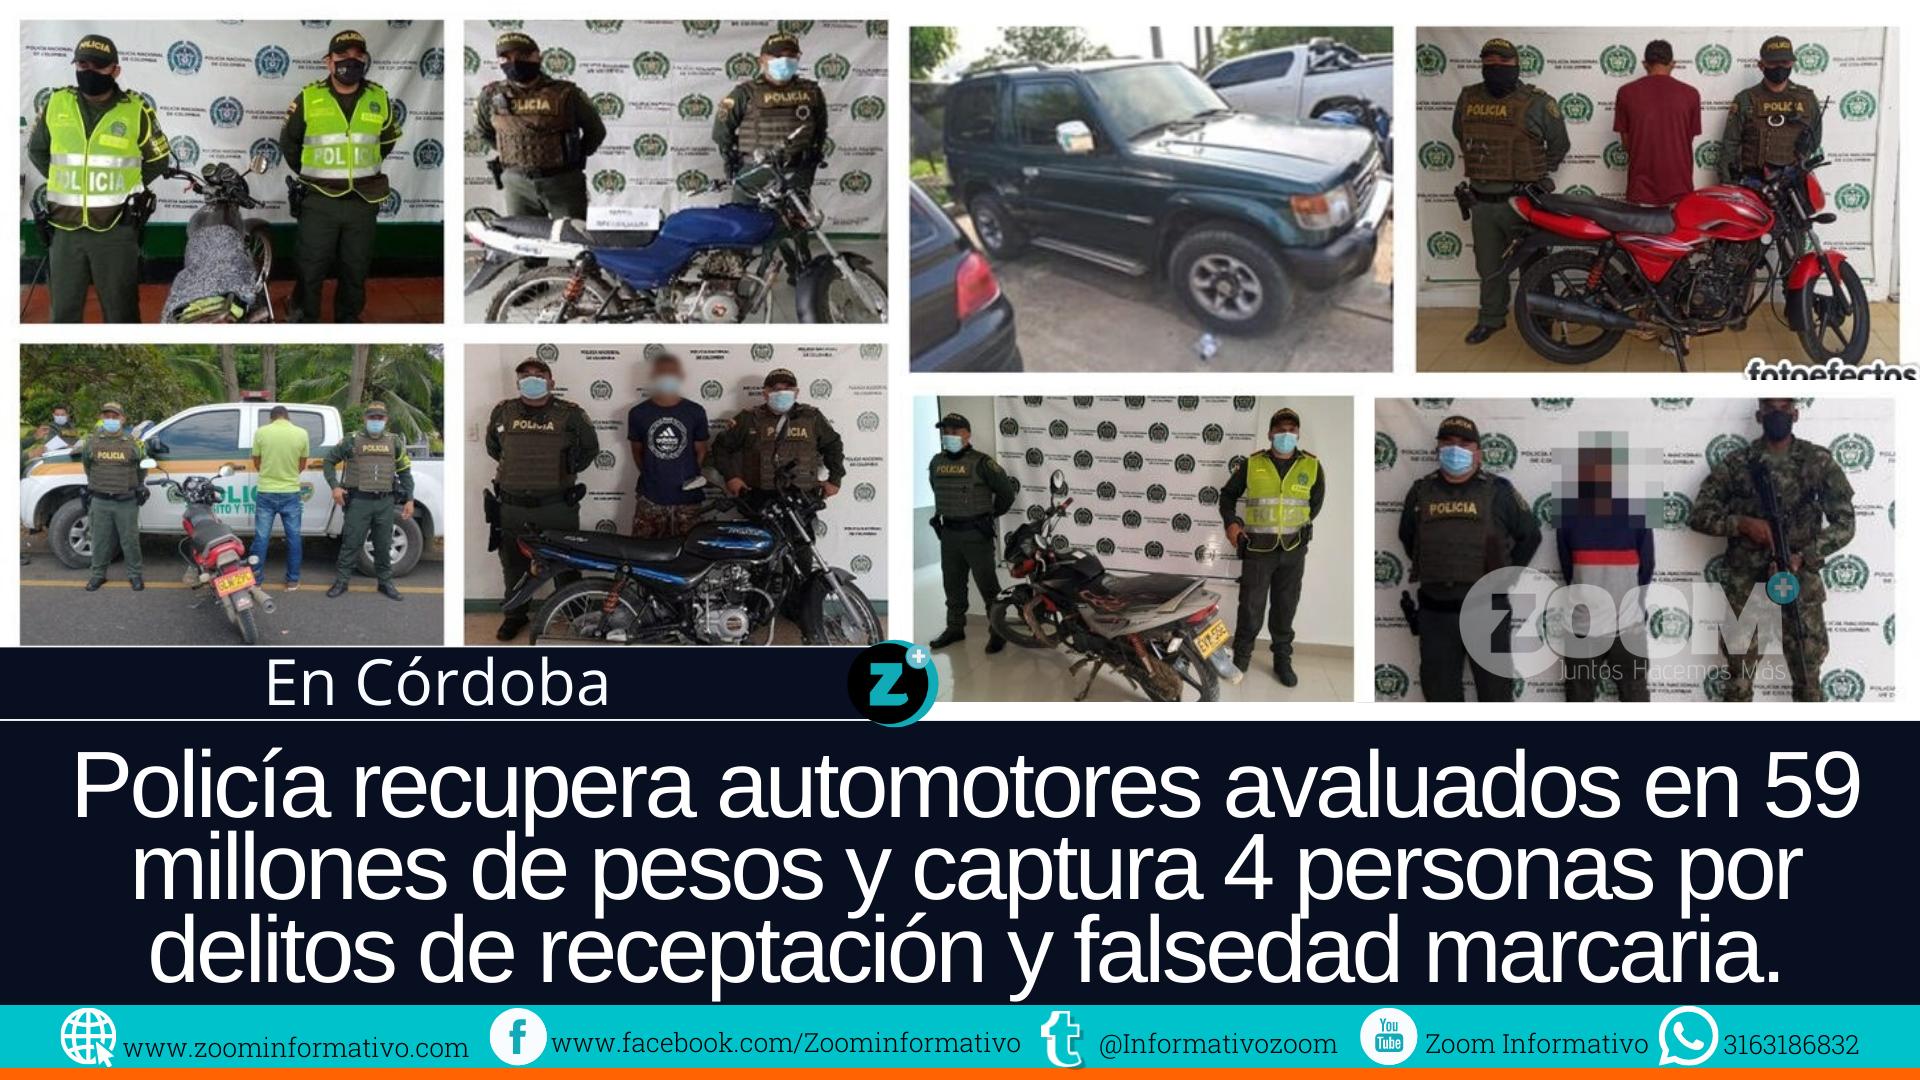 Policía recupera automotores avaluados en 59 millones de pesos en Córdoba